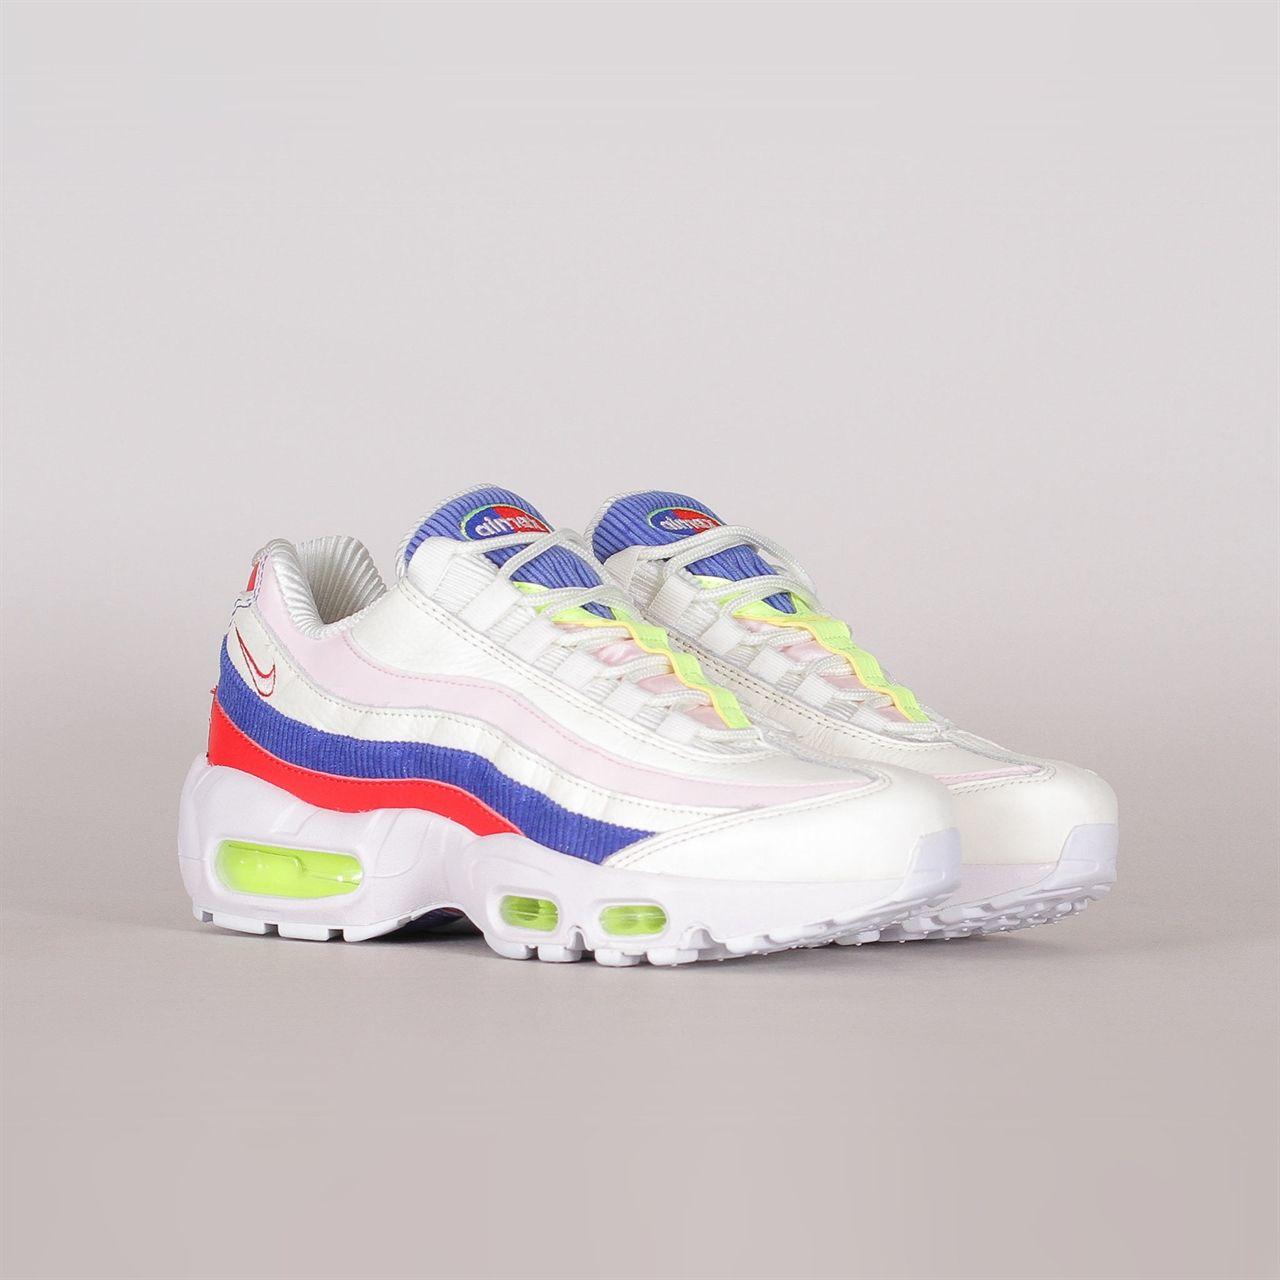 01eba15b86257e Shelta - Nike Sportswear Womens Air Max 95 SE (AQ4138-101)